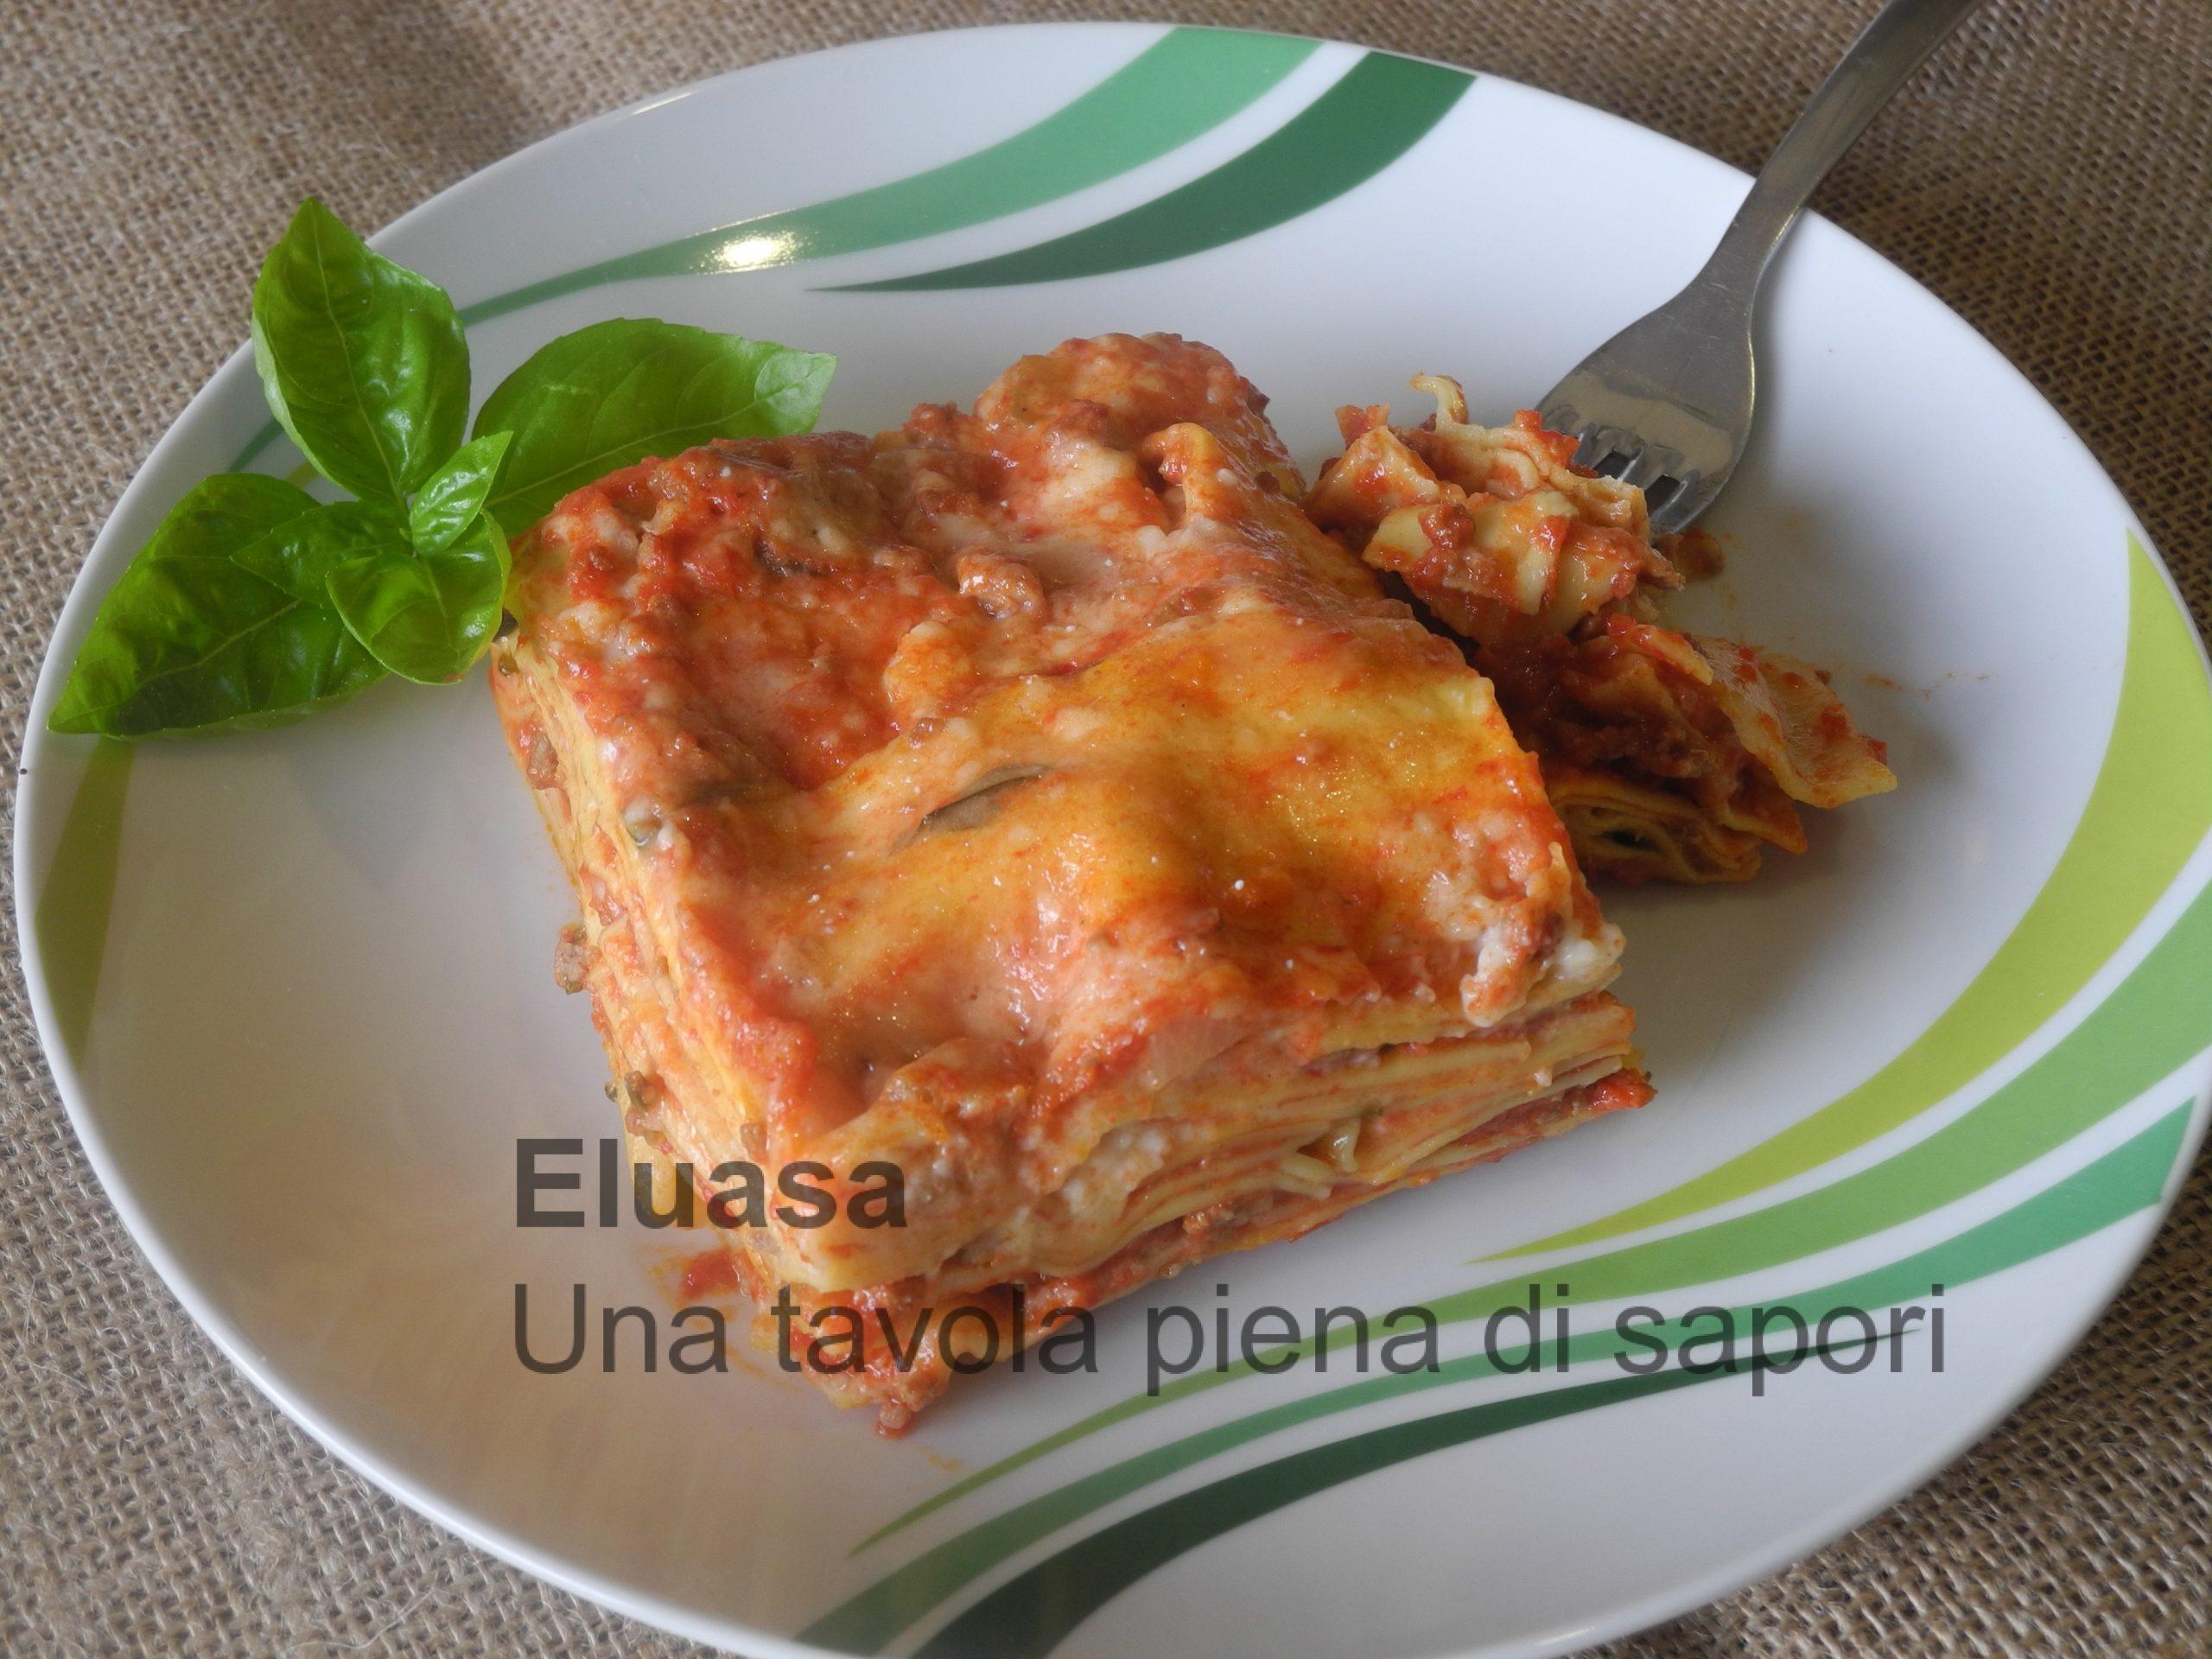 Ricetta Lasagne Toscane.Lasagna Toscana Con Carne E Besciamella Eluasa Una Tavola Piena Di Sapori